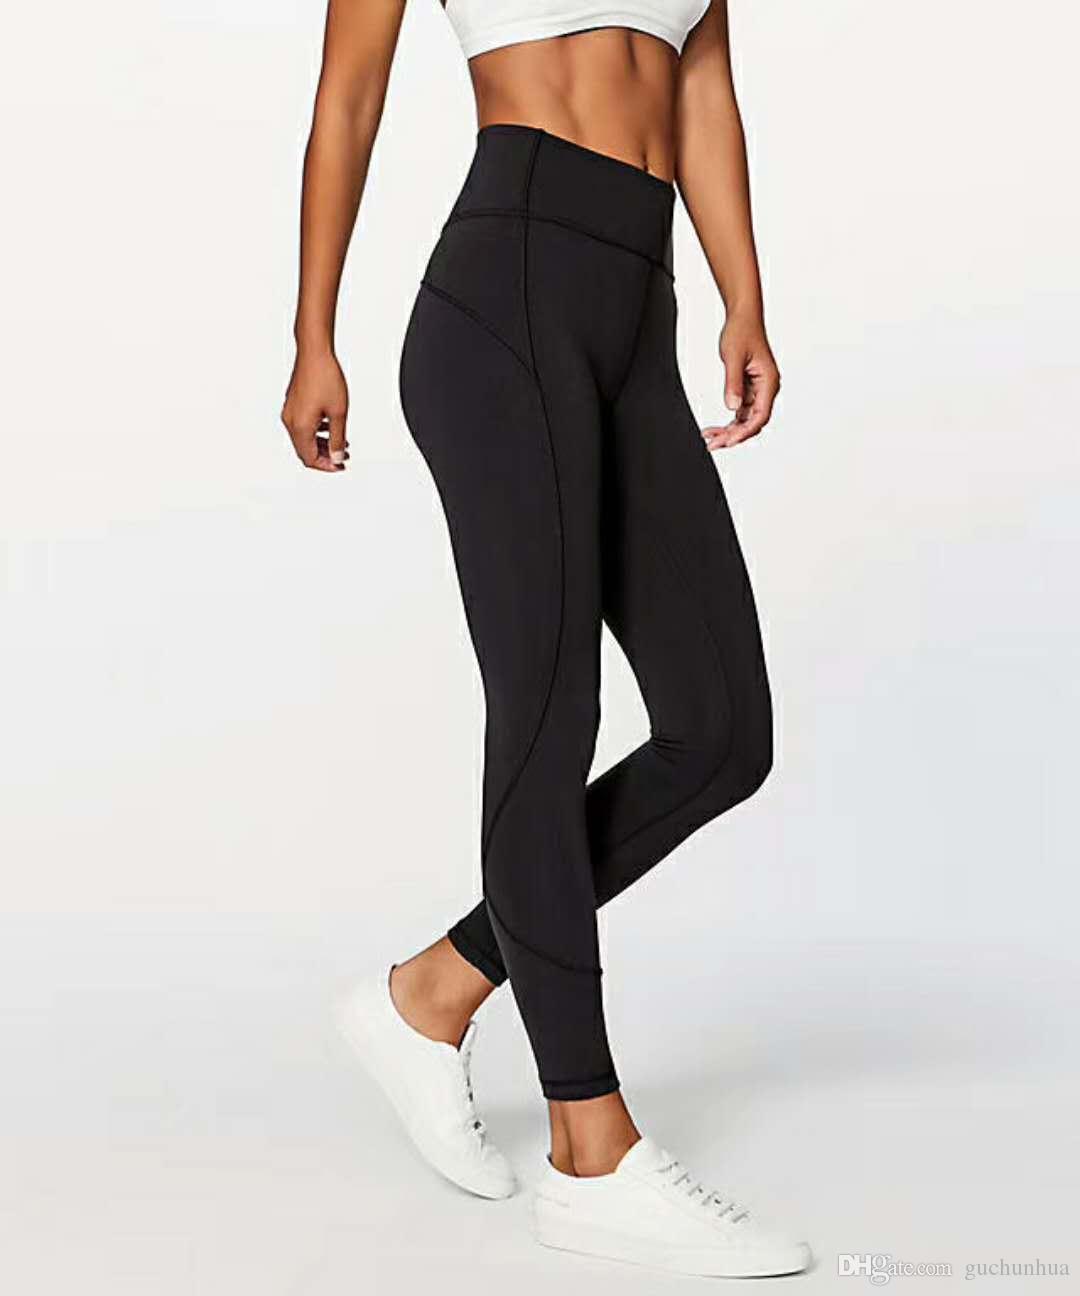 النساء اليوغا سروال تتسابق السيدات الرياضية كاملة السيدات اللباس الداخلي ممارسة اللياقة البدنية ملابس بنات العلامة التجارية الجري واللباس الداخلي